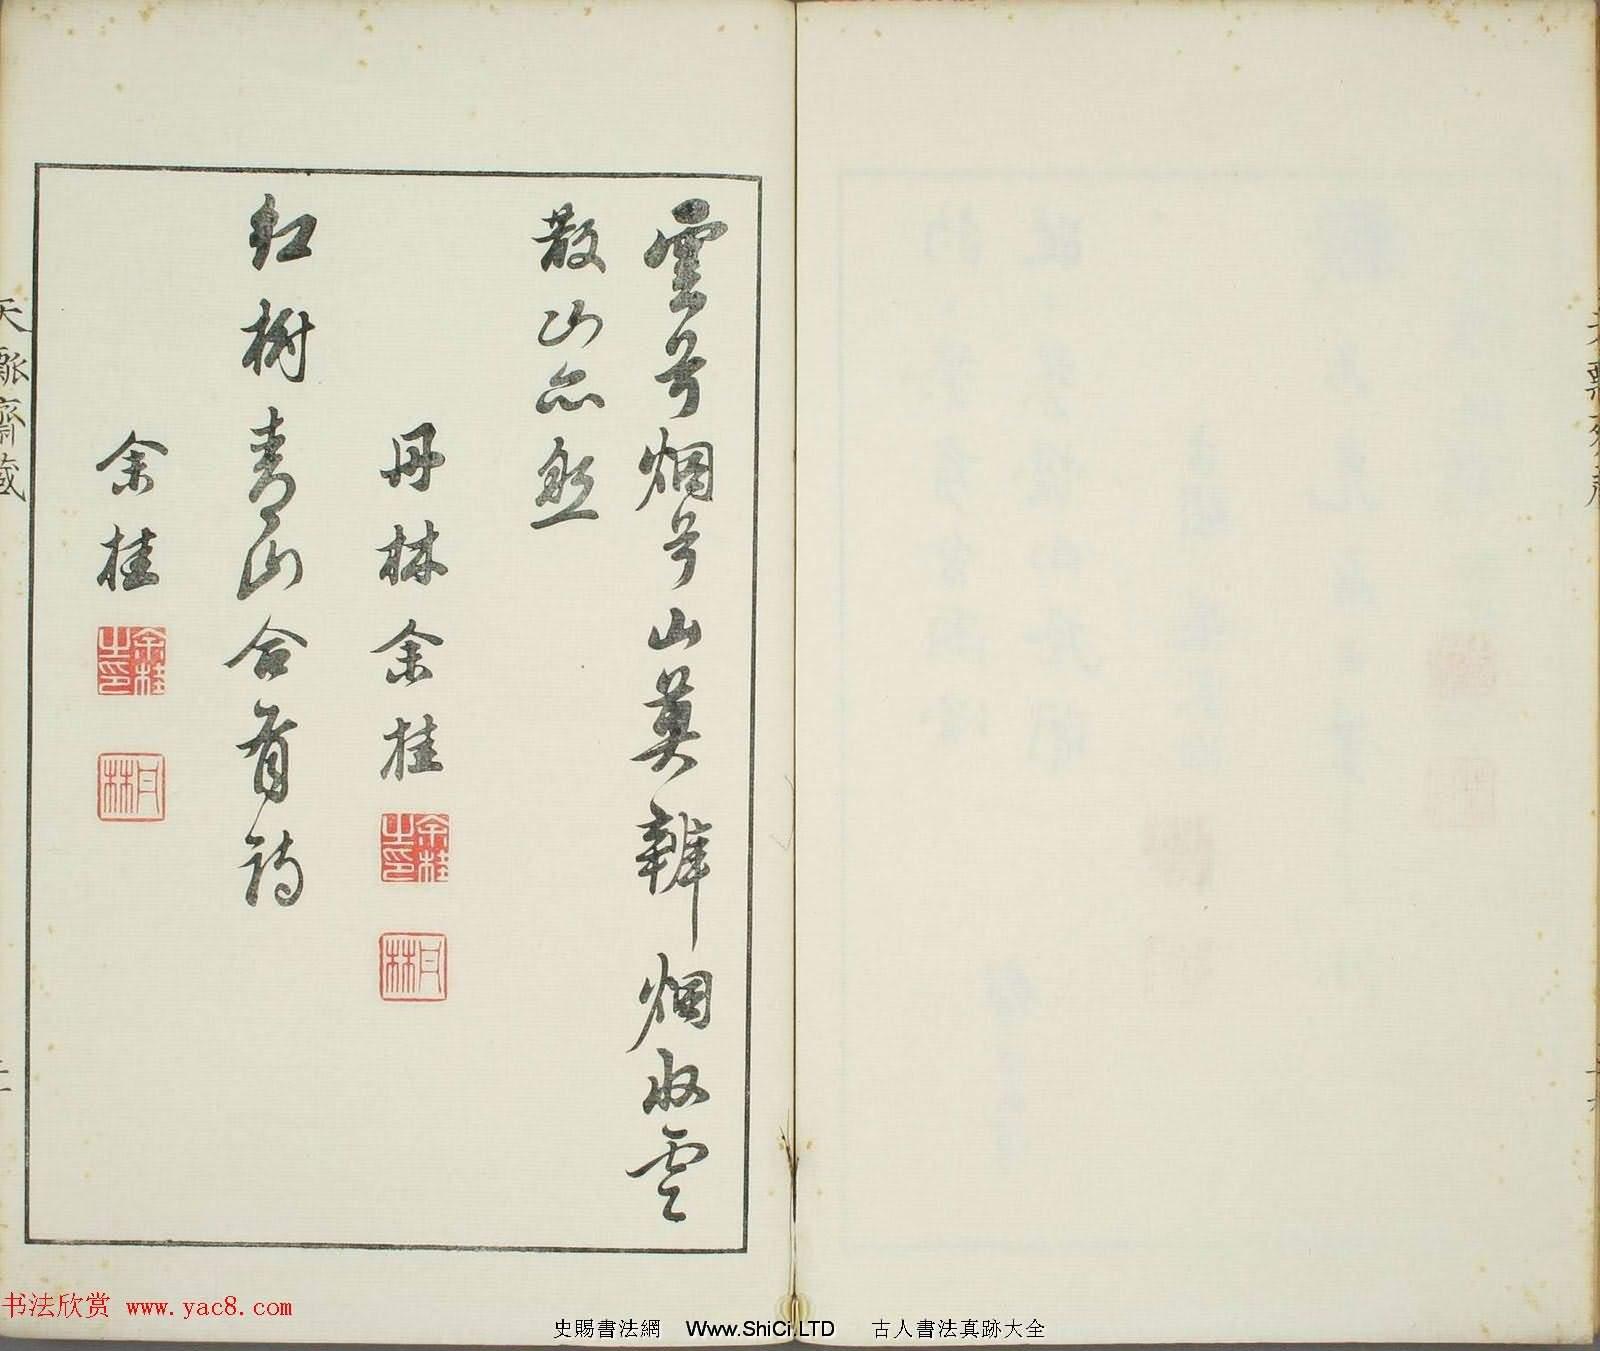 天瓢齋名人書畫落款譜乾坤兩卷合輯